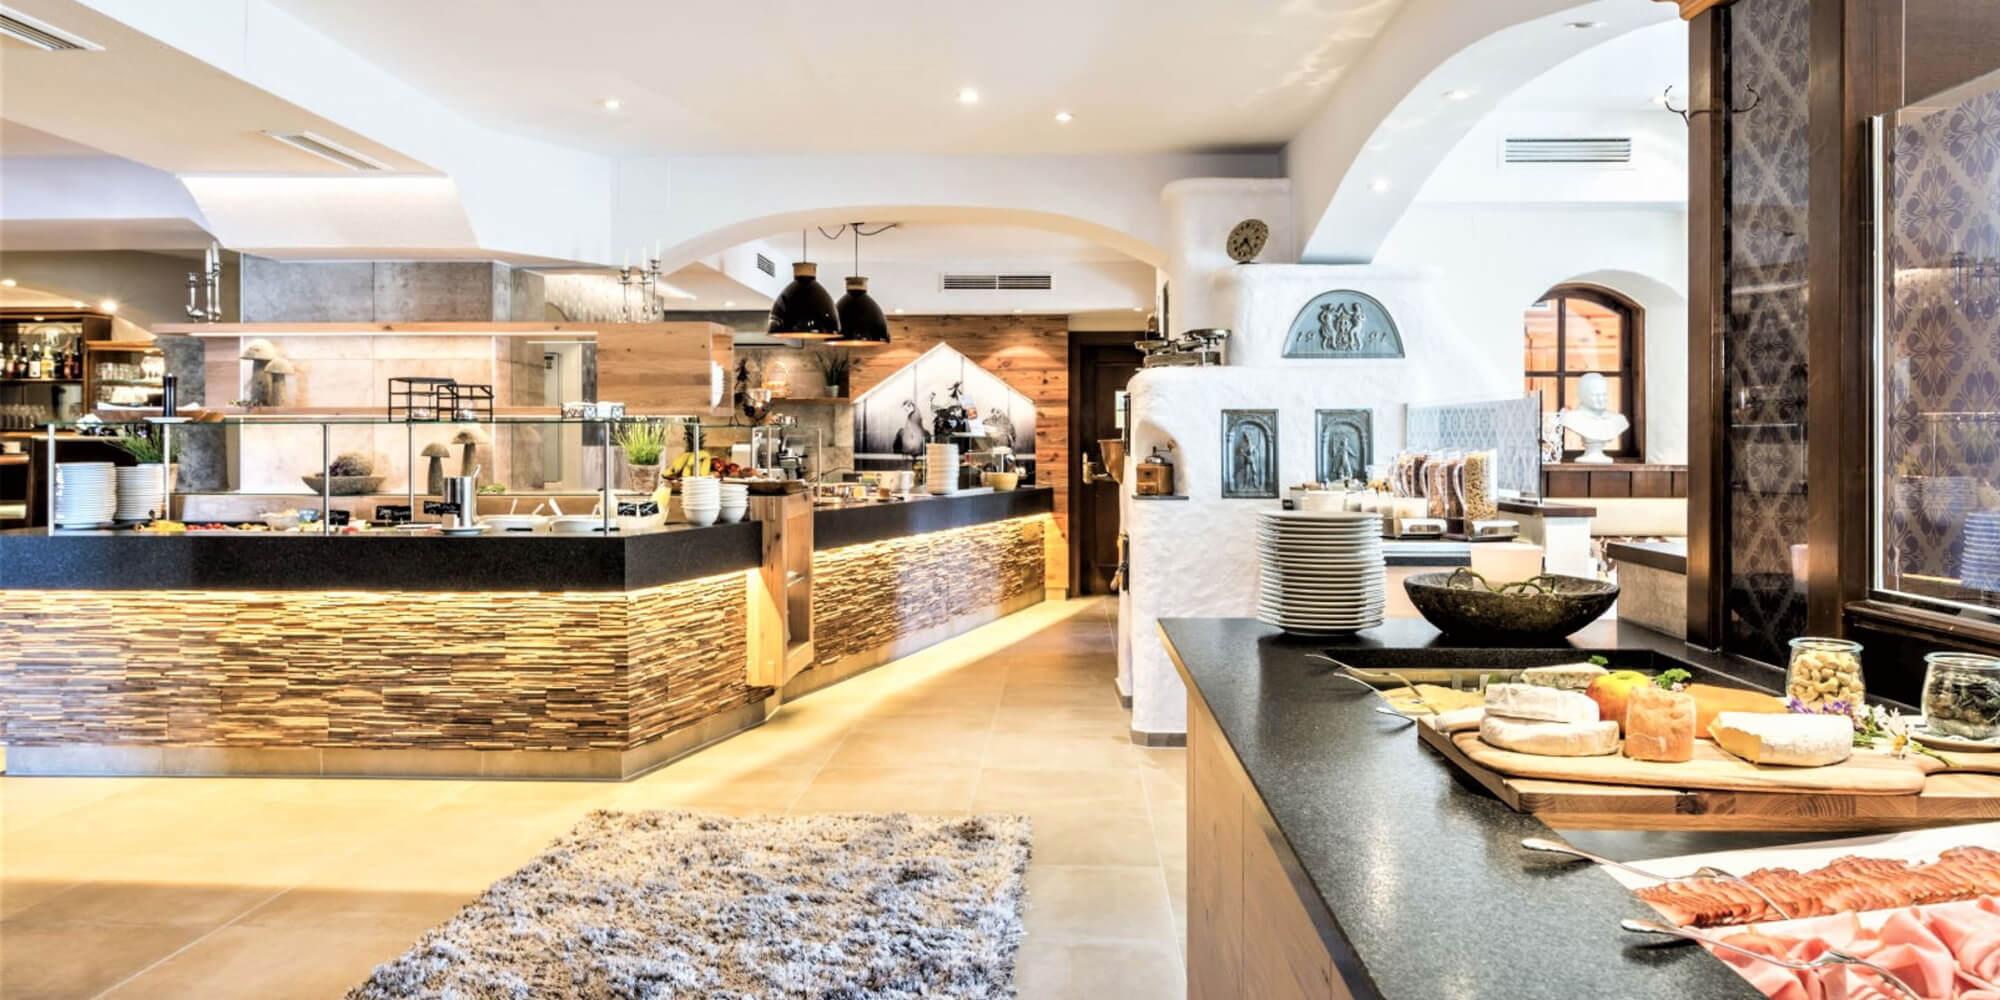 Crea-Plan-Design-Rauch-Frühmann-Architektur-Innenarchitektur-Design-Projekt-Referenz-Hotelerie-Gastronomie-Hotel-Guglwald-Buffet-A